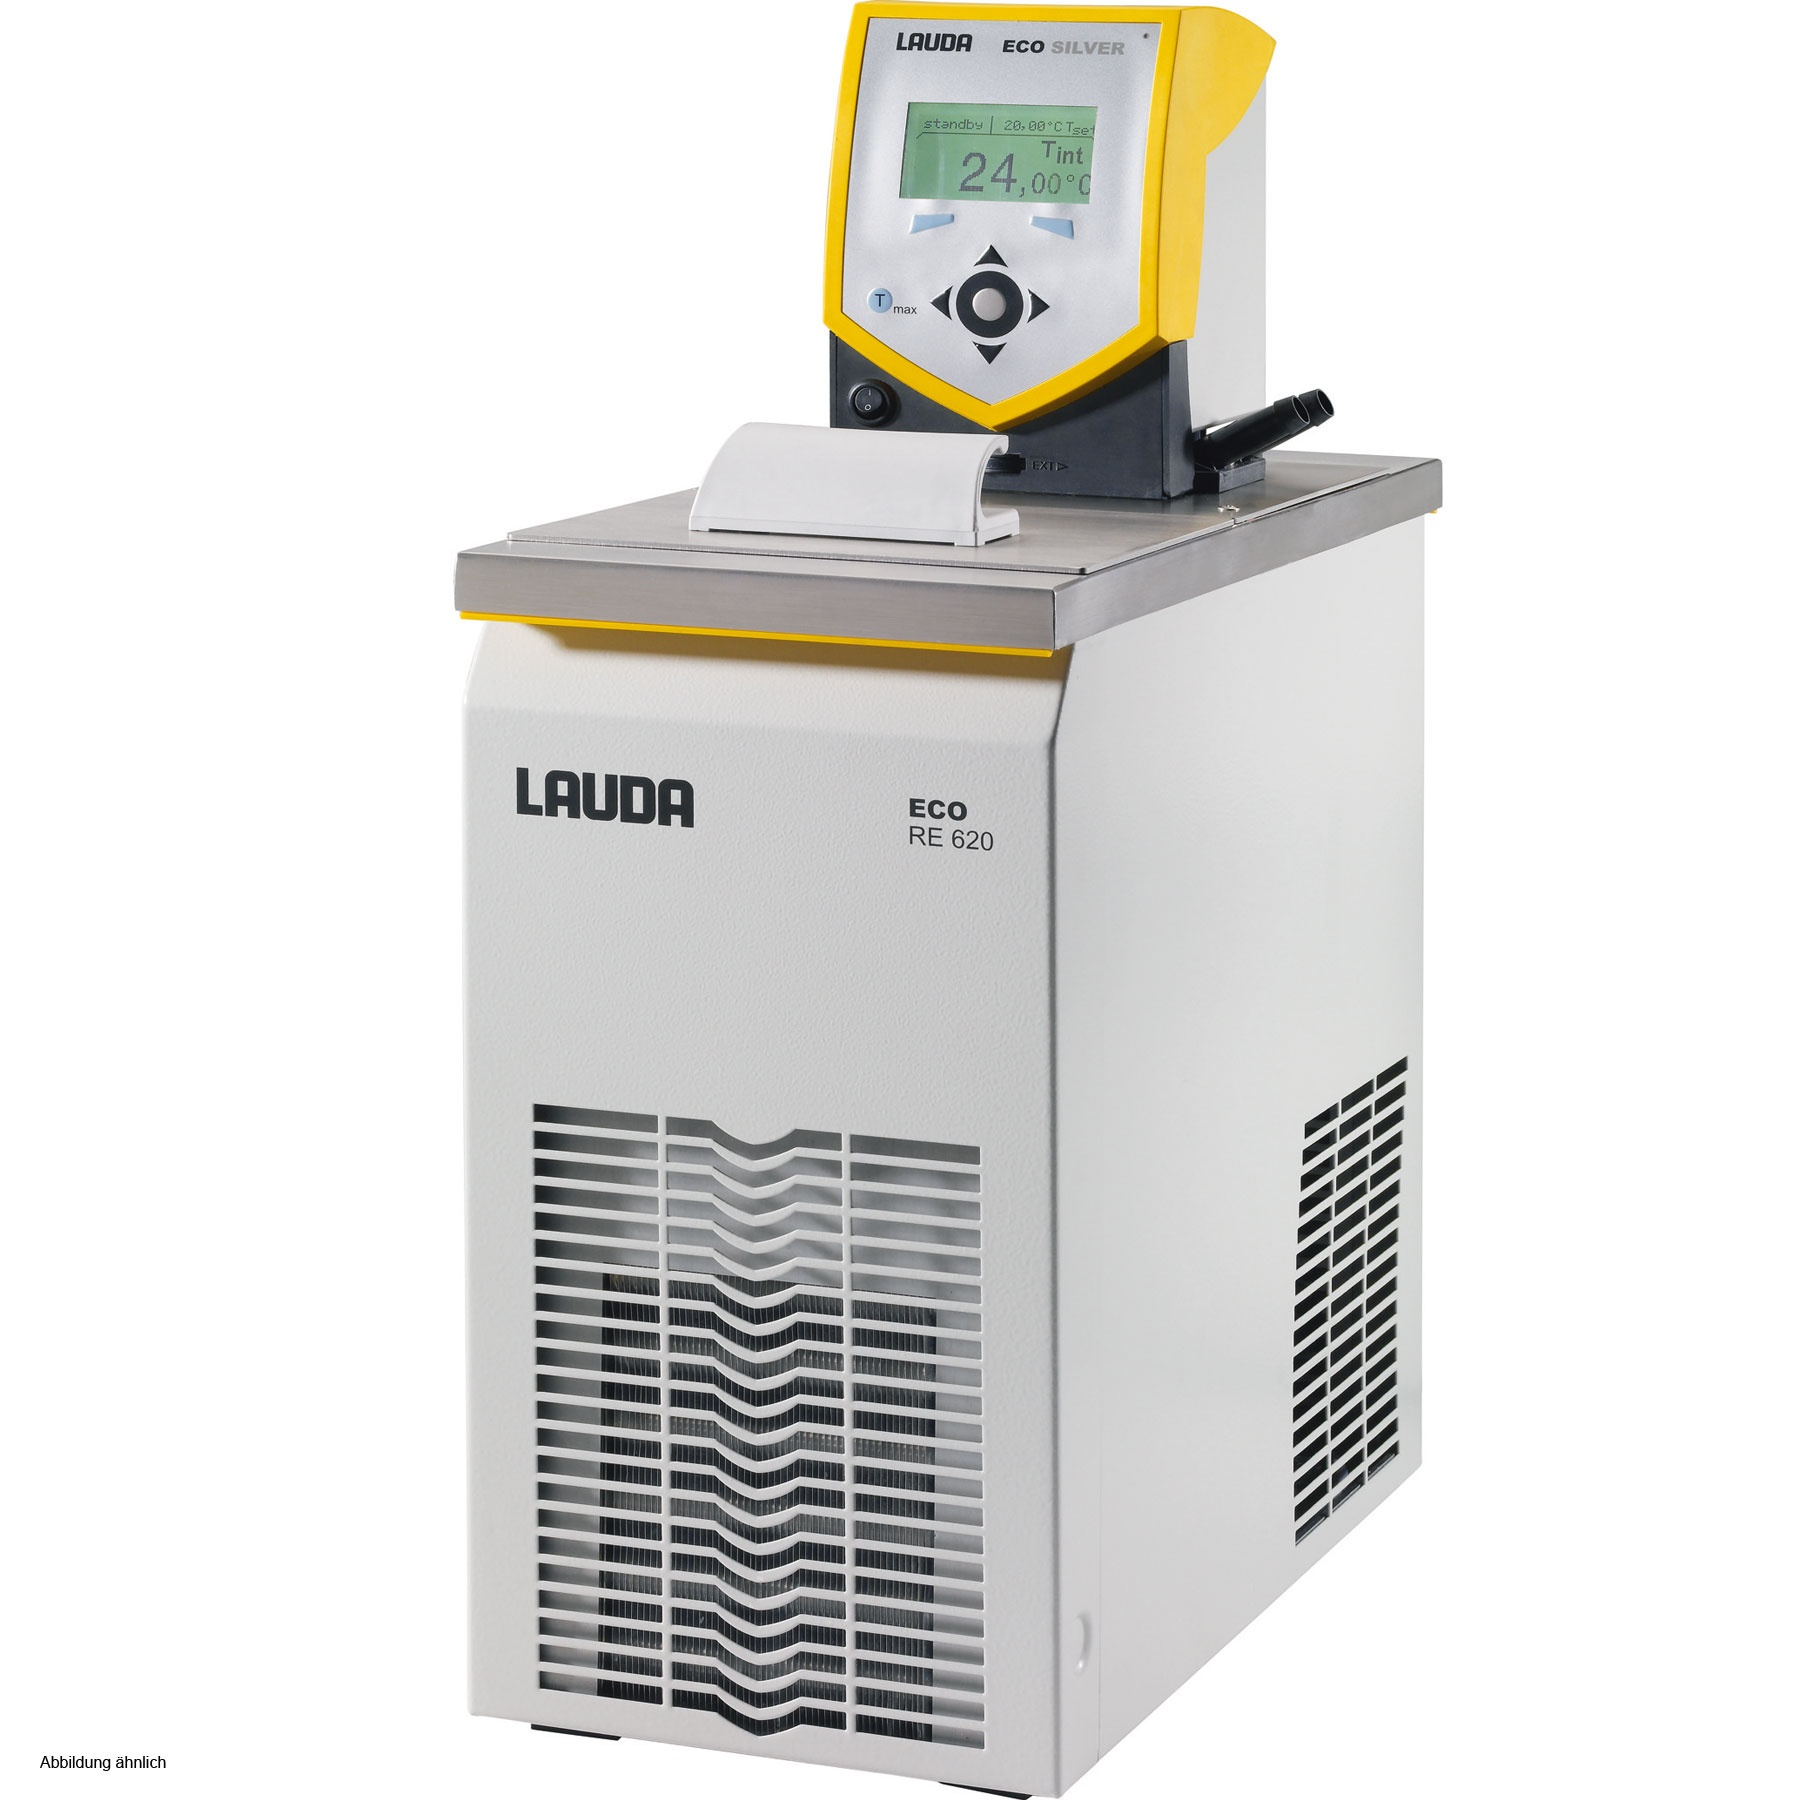 Banho termostático - Faixa de trabalho -20 a 200°C - 4,6 a 5,7 litros - LAUDA - Cód. RE620S